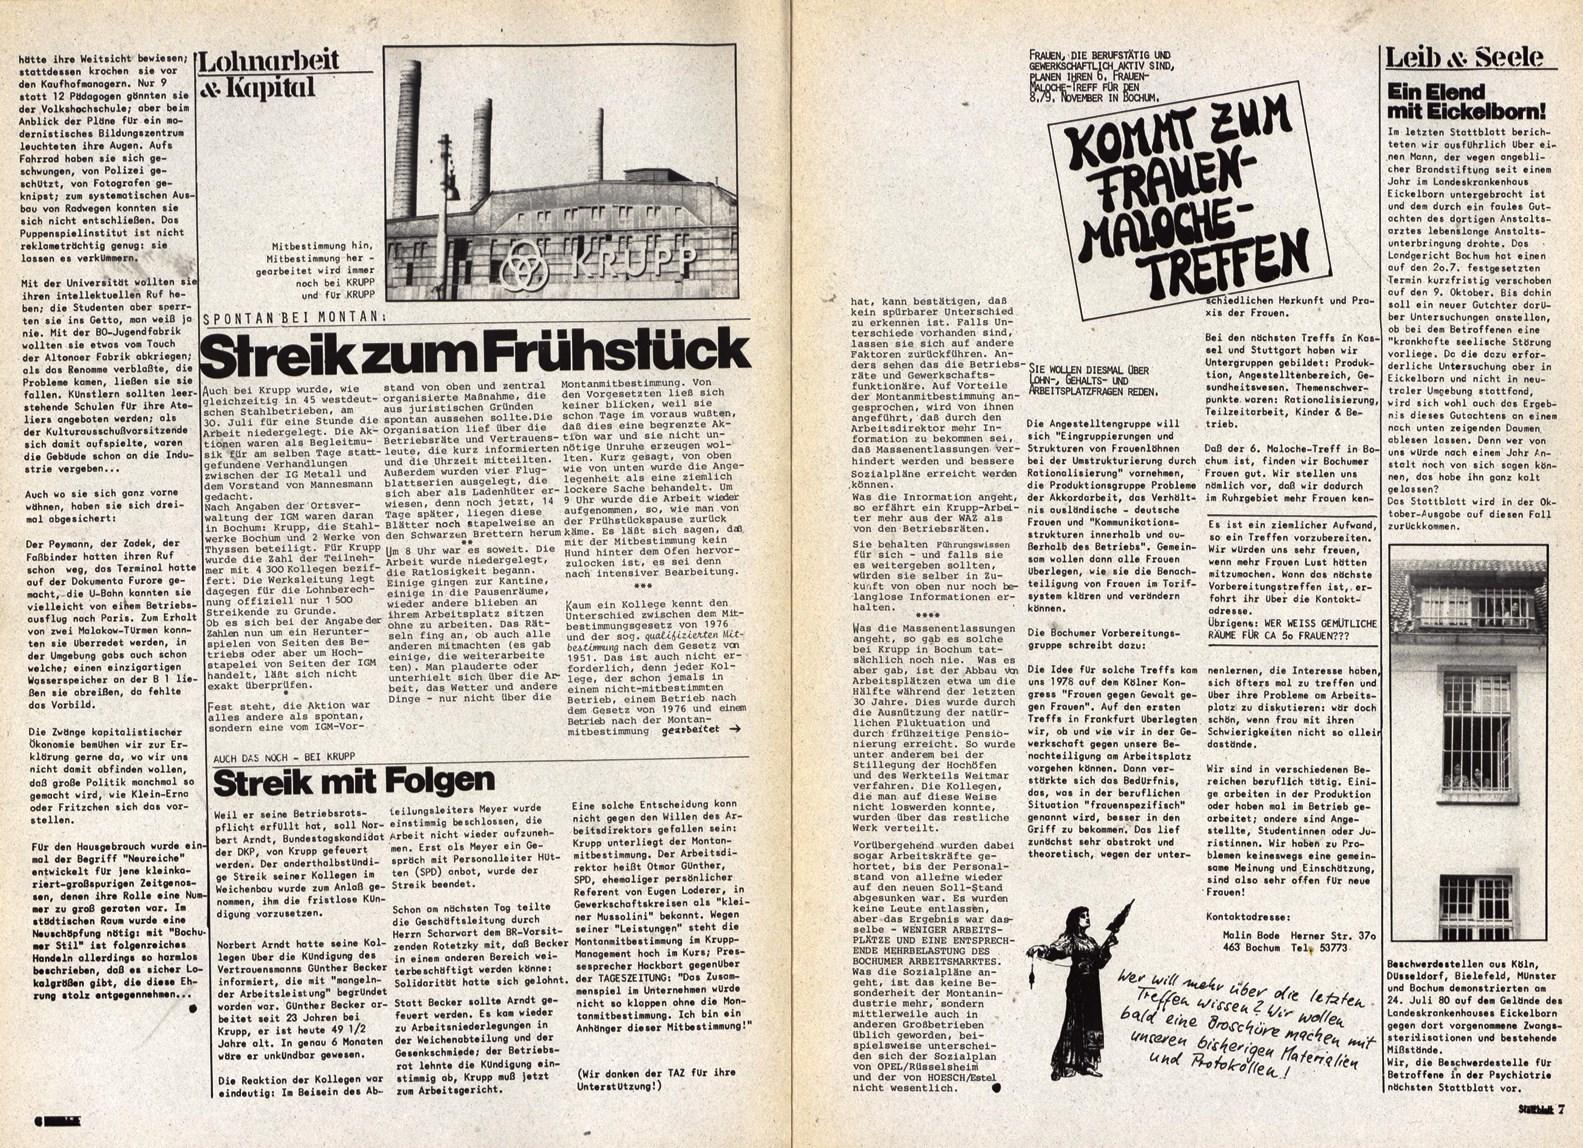 Bochum_Stattblatt_19800900_40_04